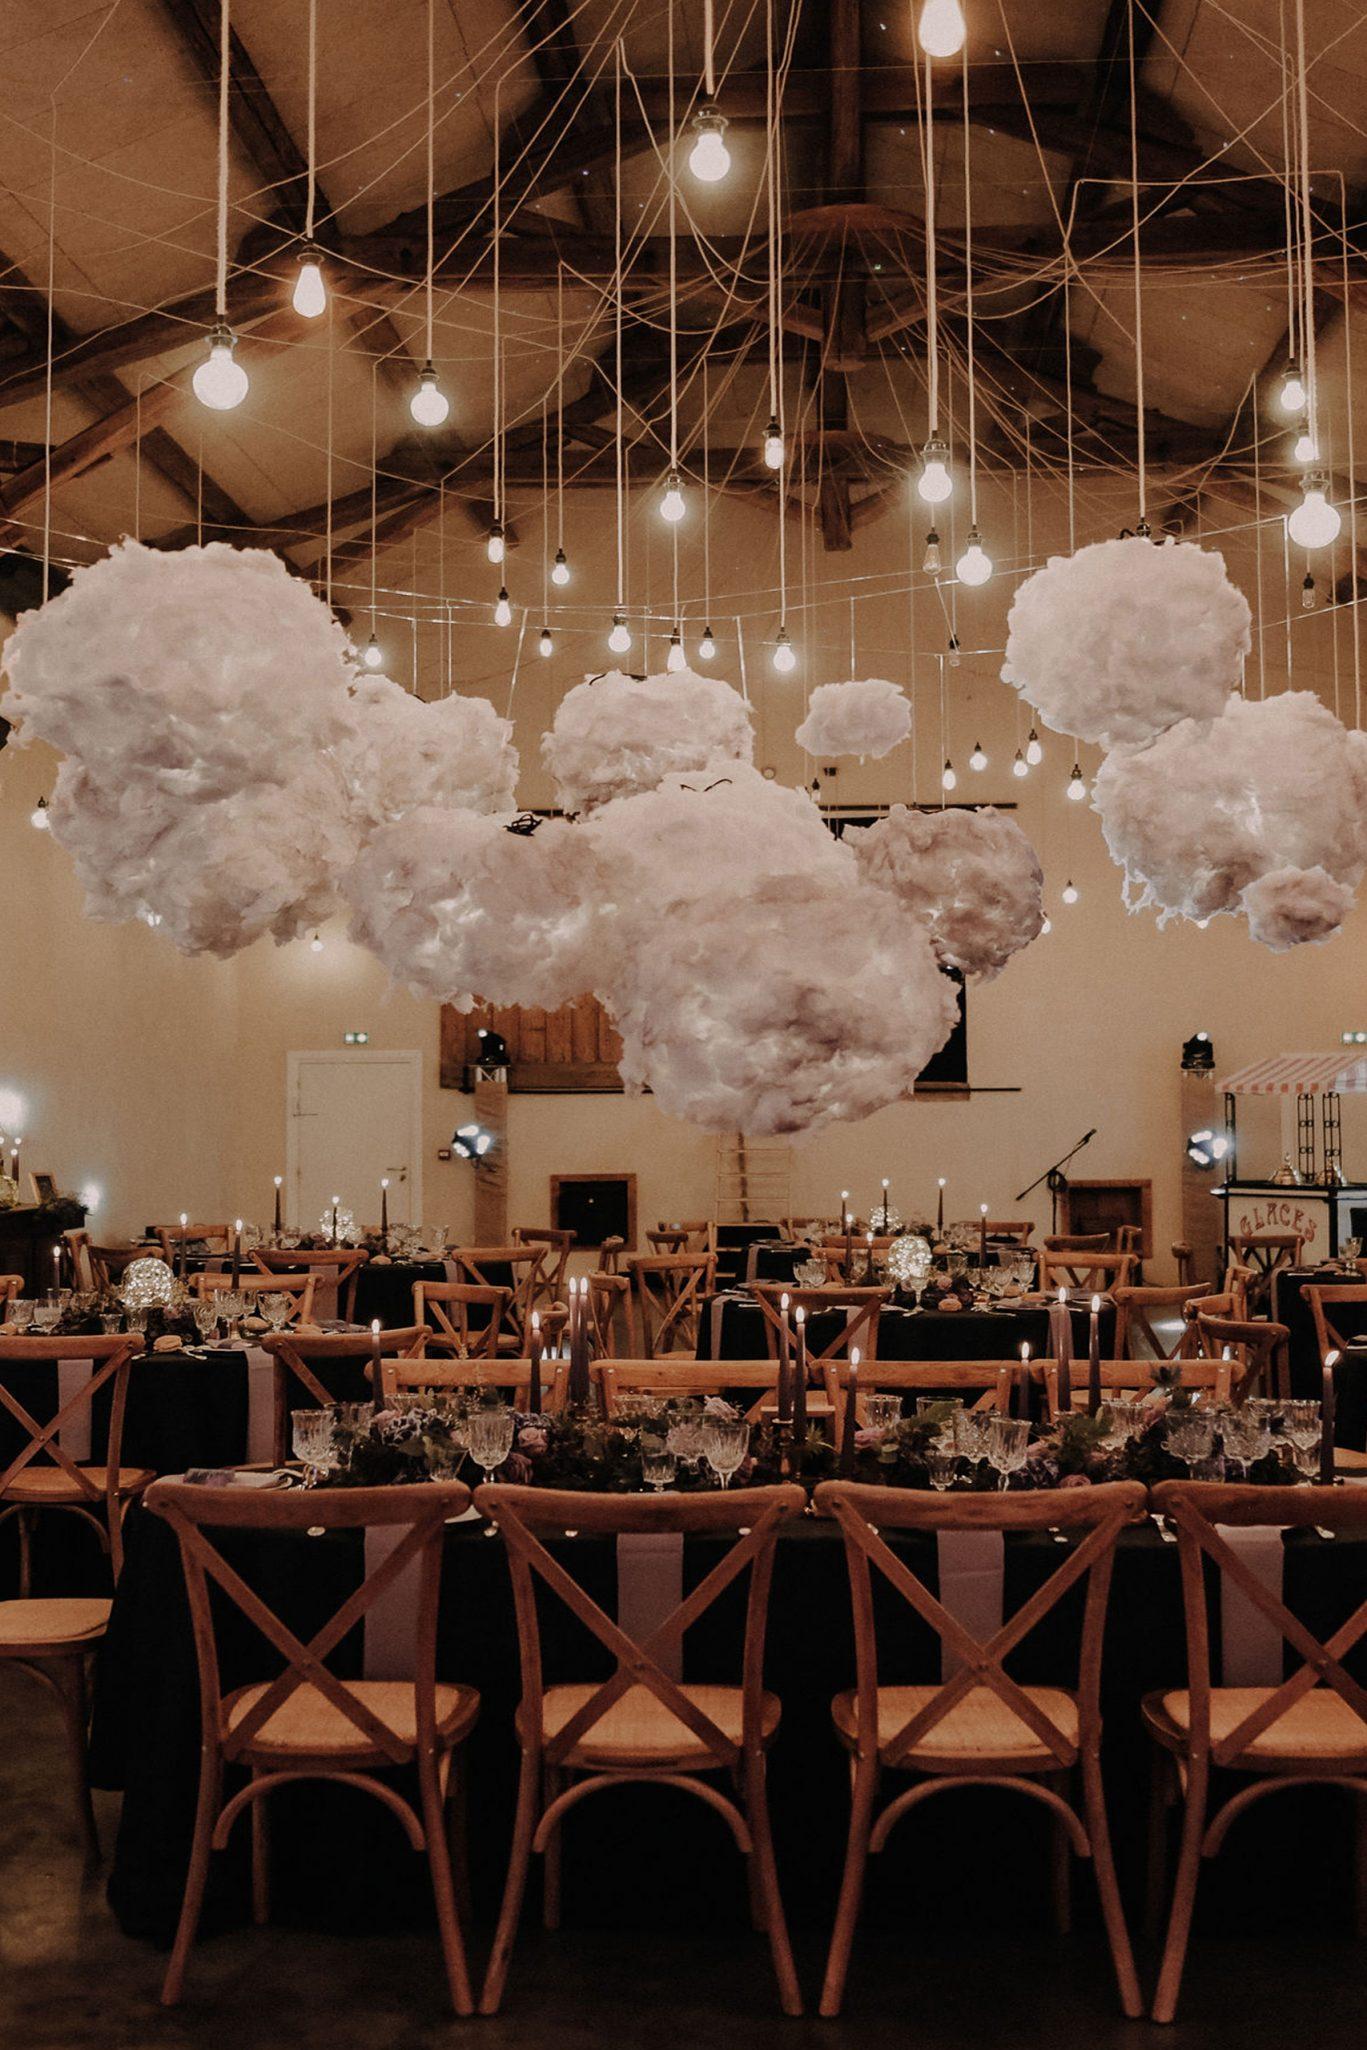 mariage original et idée décoration mariage original dans lieu industriel les bonnes joies la ferme d'armenon. Empreinte Ephémère wedding planner Provence paris normandie